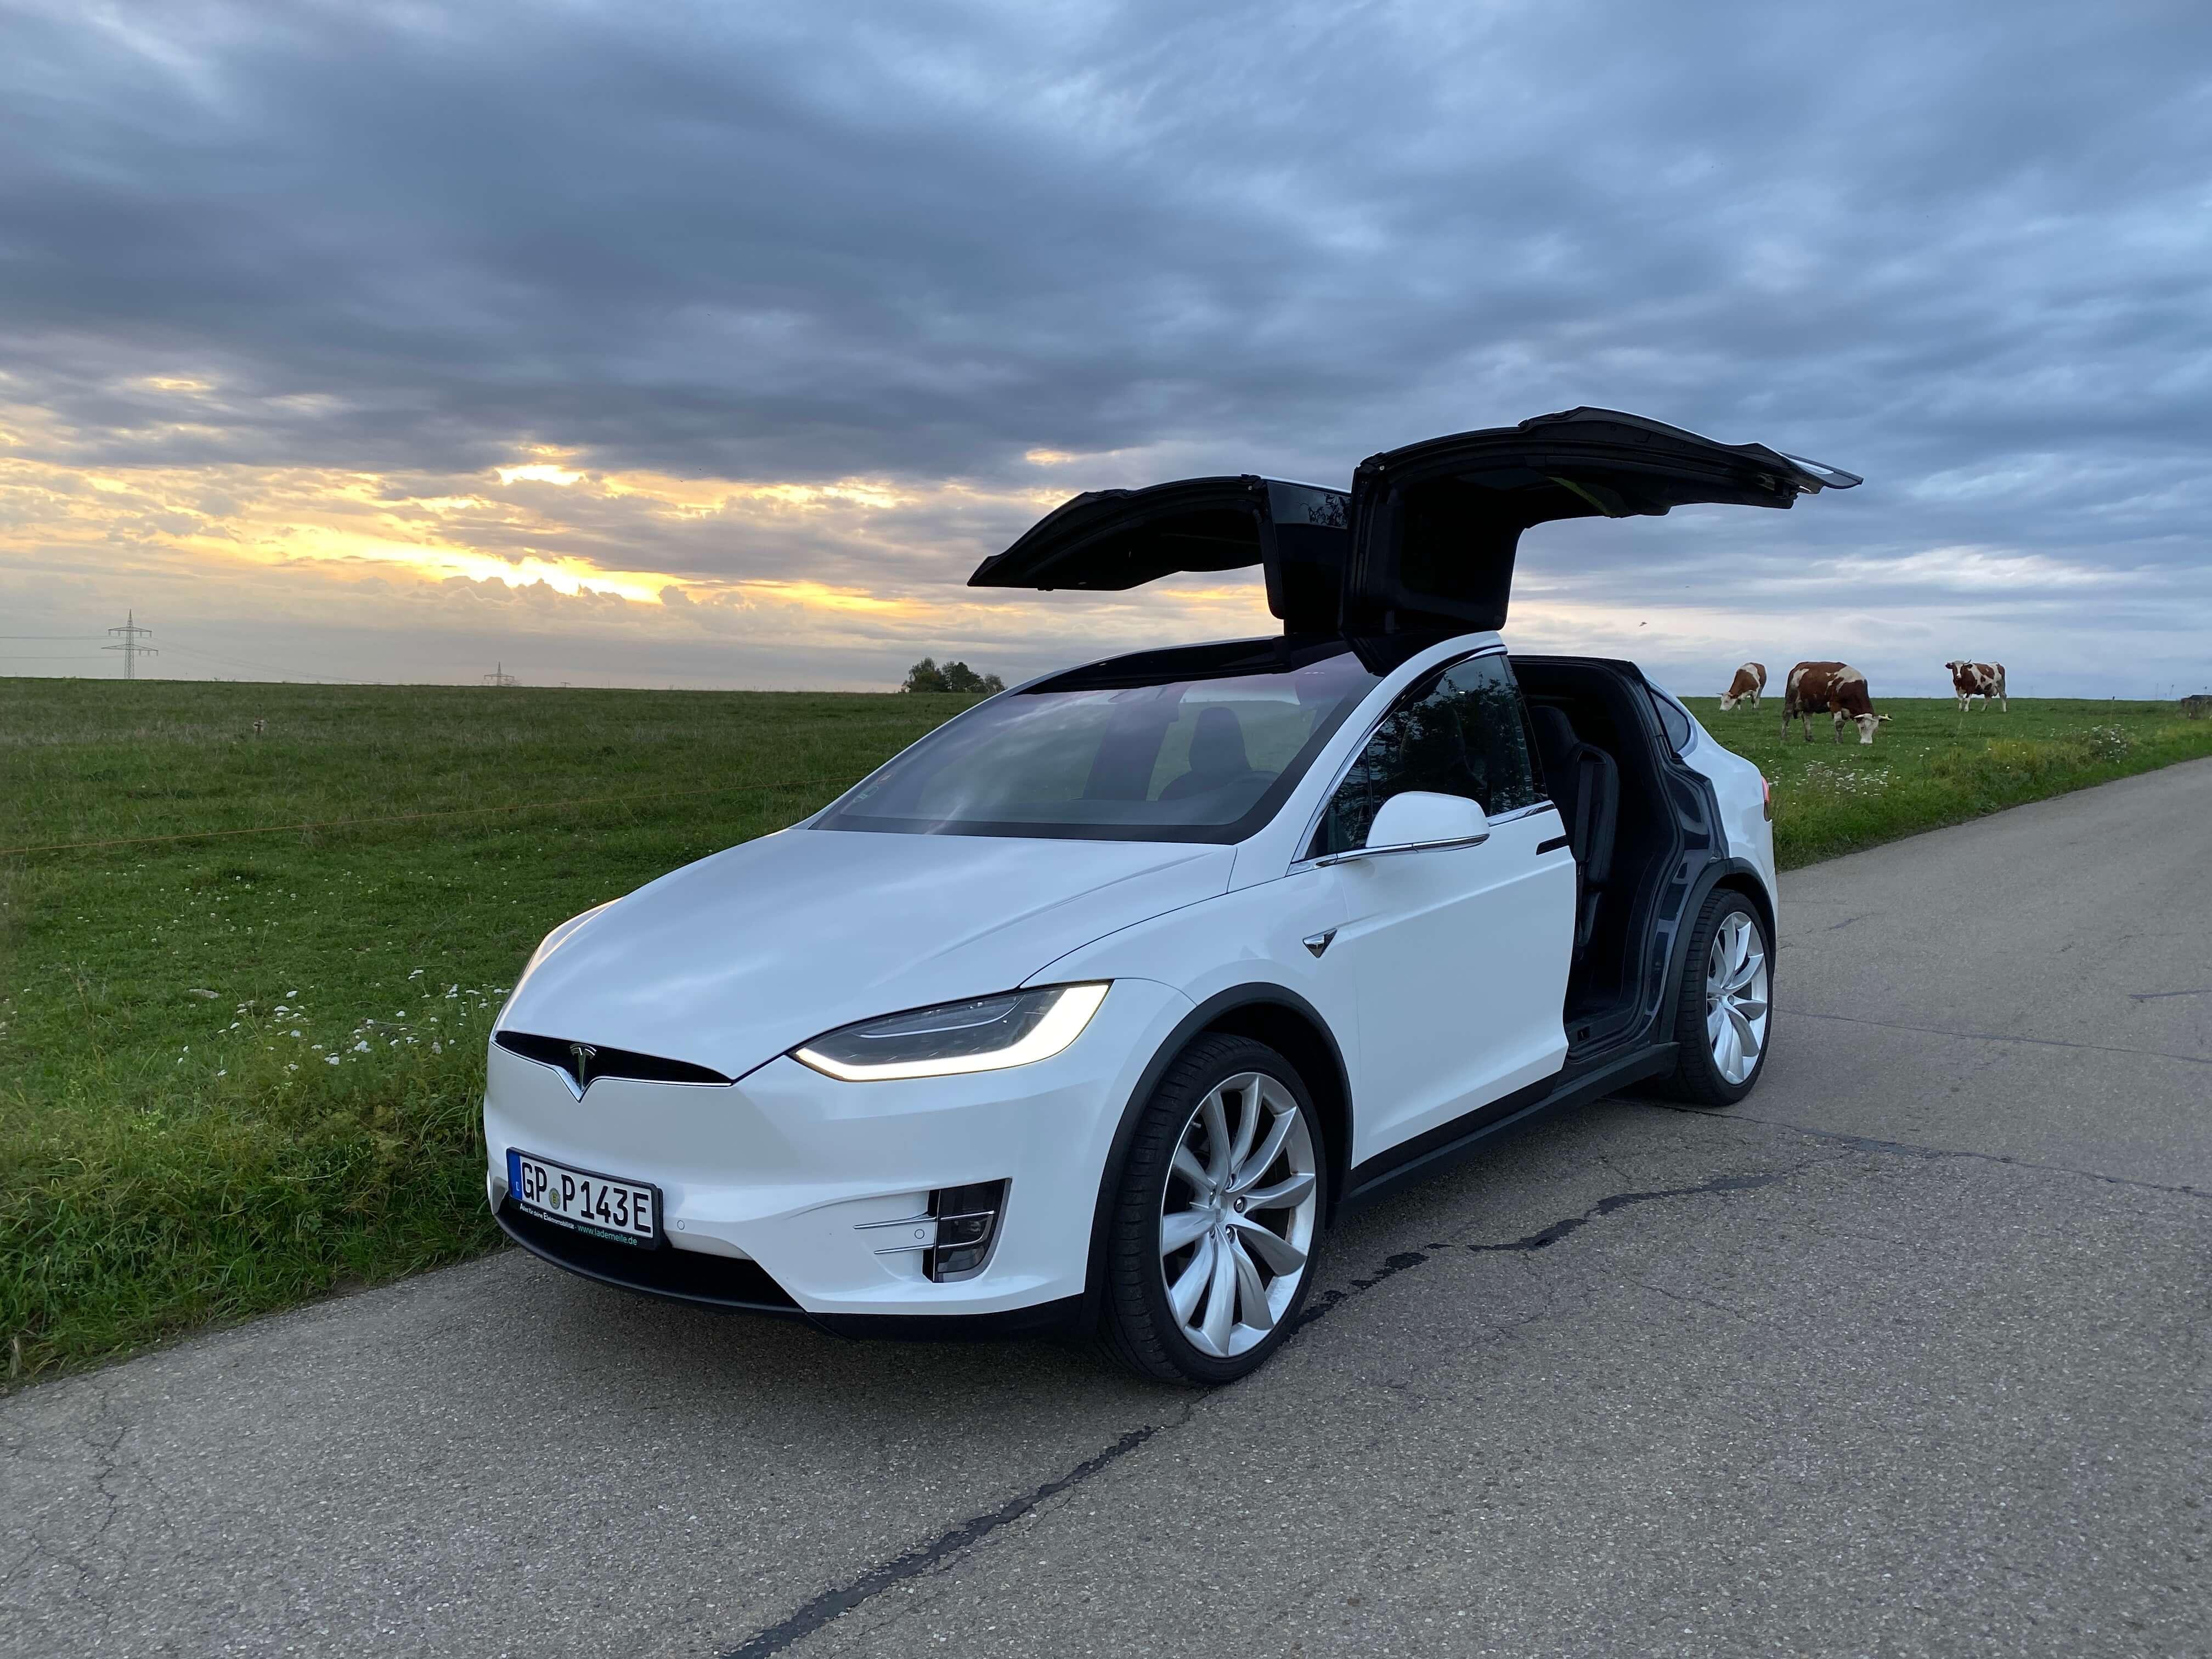 Tesla Model X mieten in Göppingen